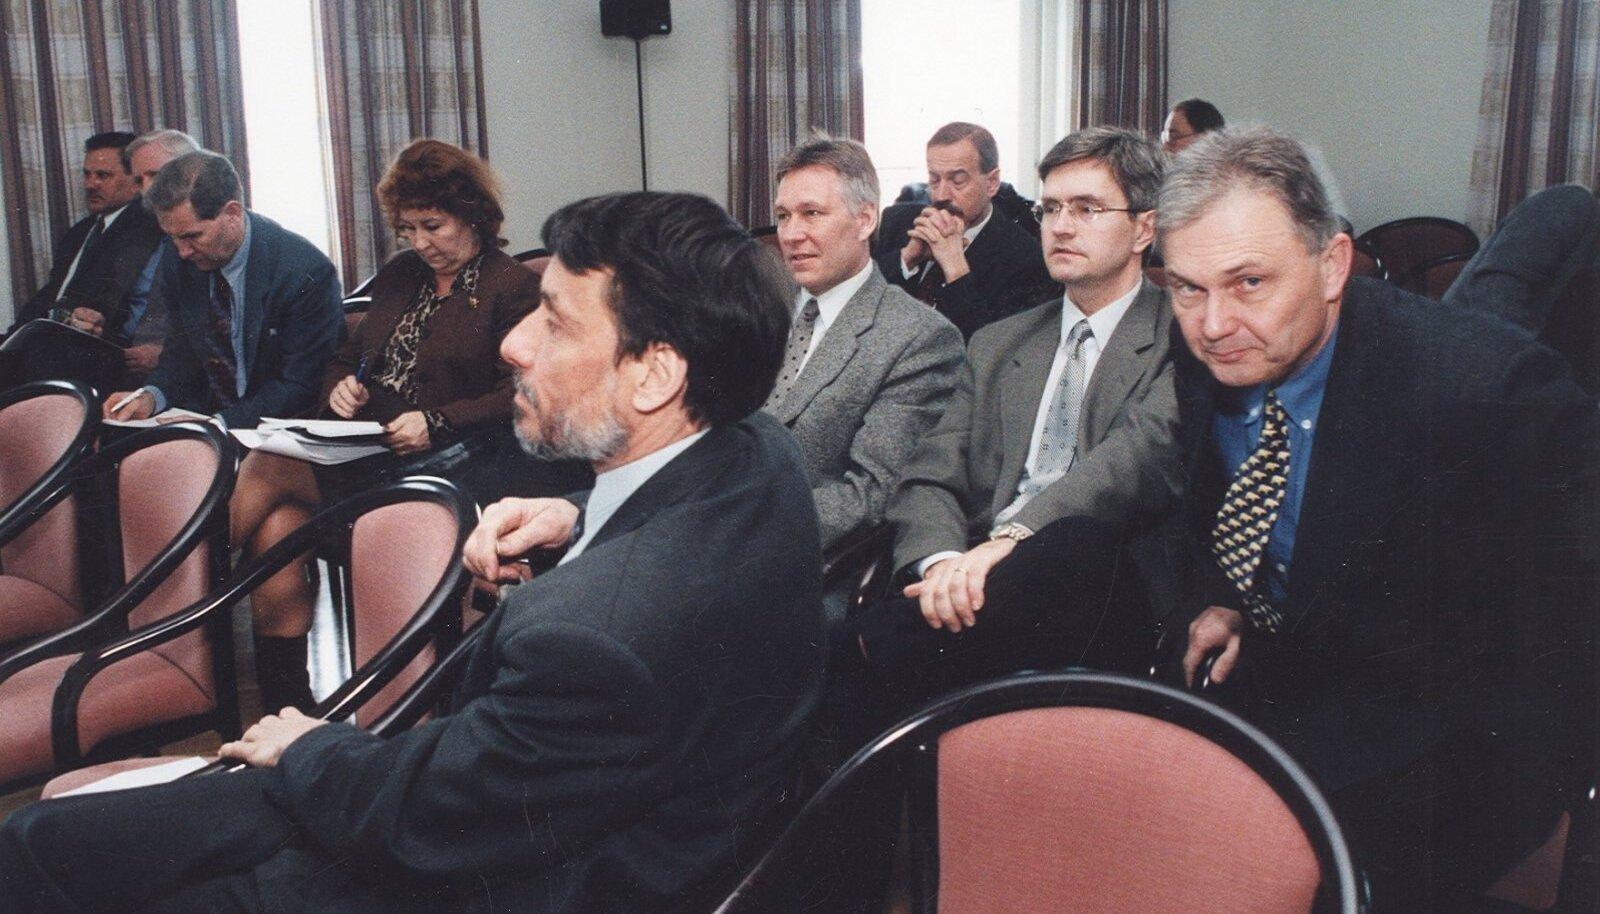 Sel 1999. aasta fotol on teiste Reformierakonna juhtpoliitikute seas näha ka 2000.–2001. aasta presidendituuri osalejad Toomas Savi (keskel), Märt Rask (taga) ja Toomas Vilosius (paremal).